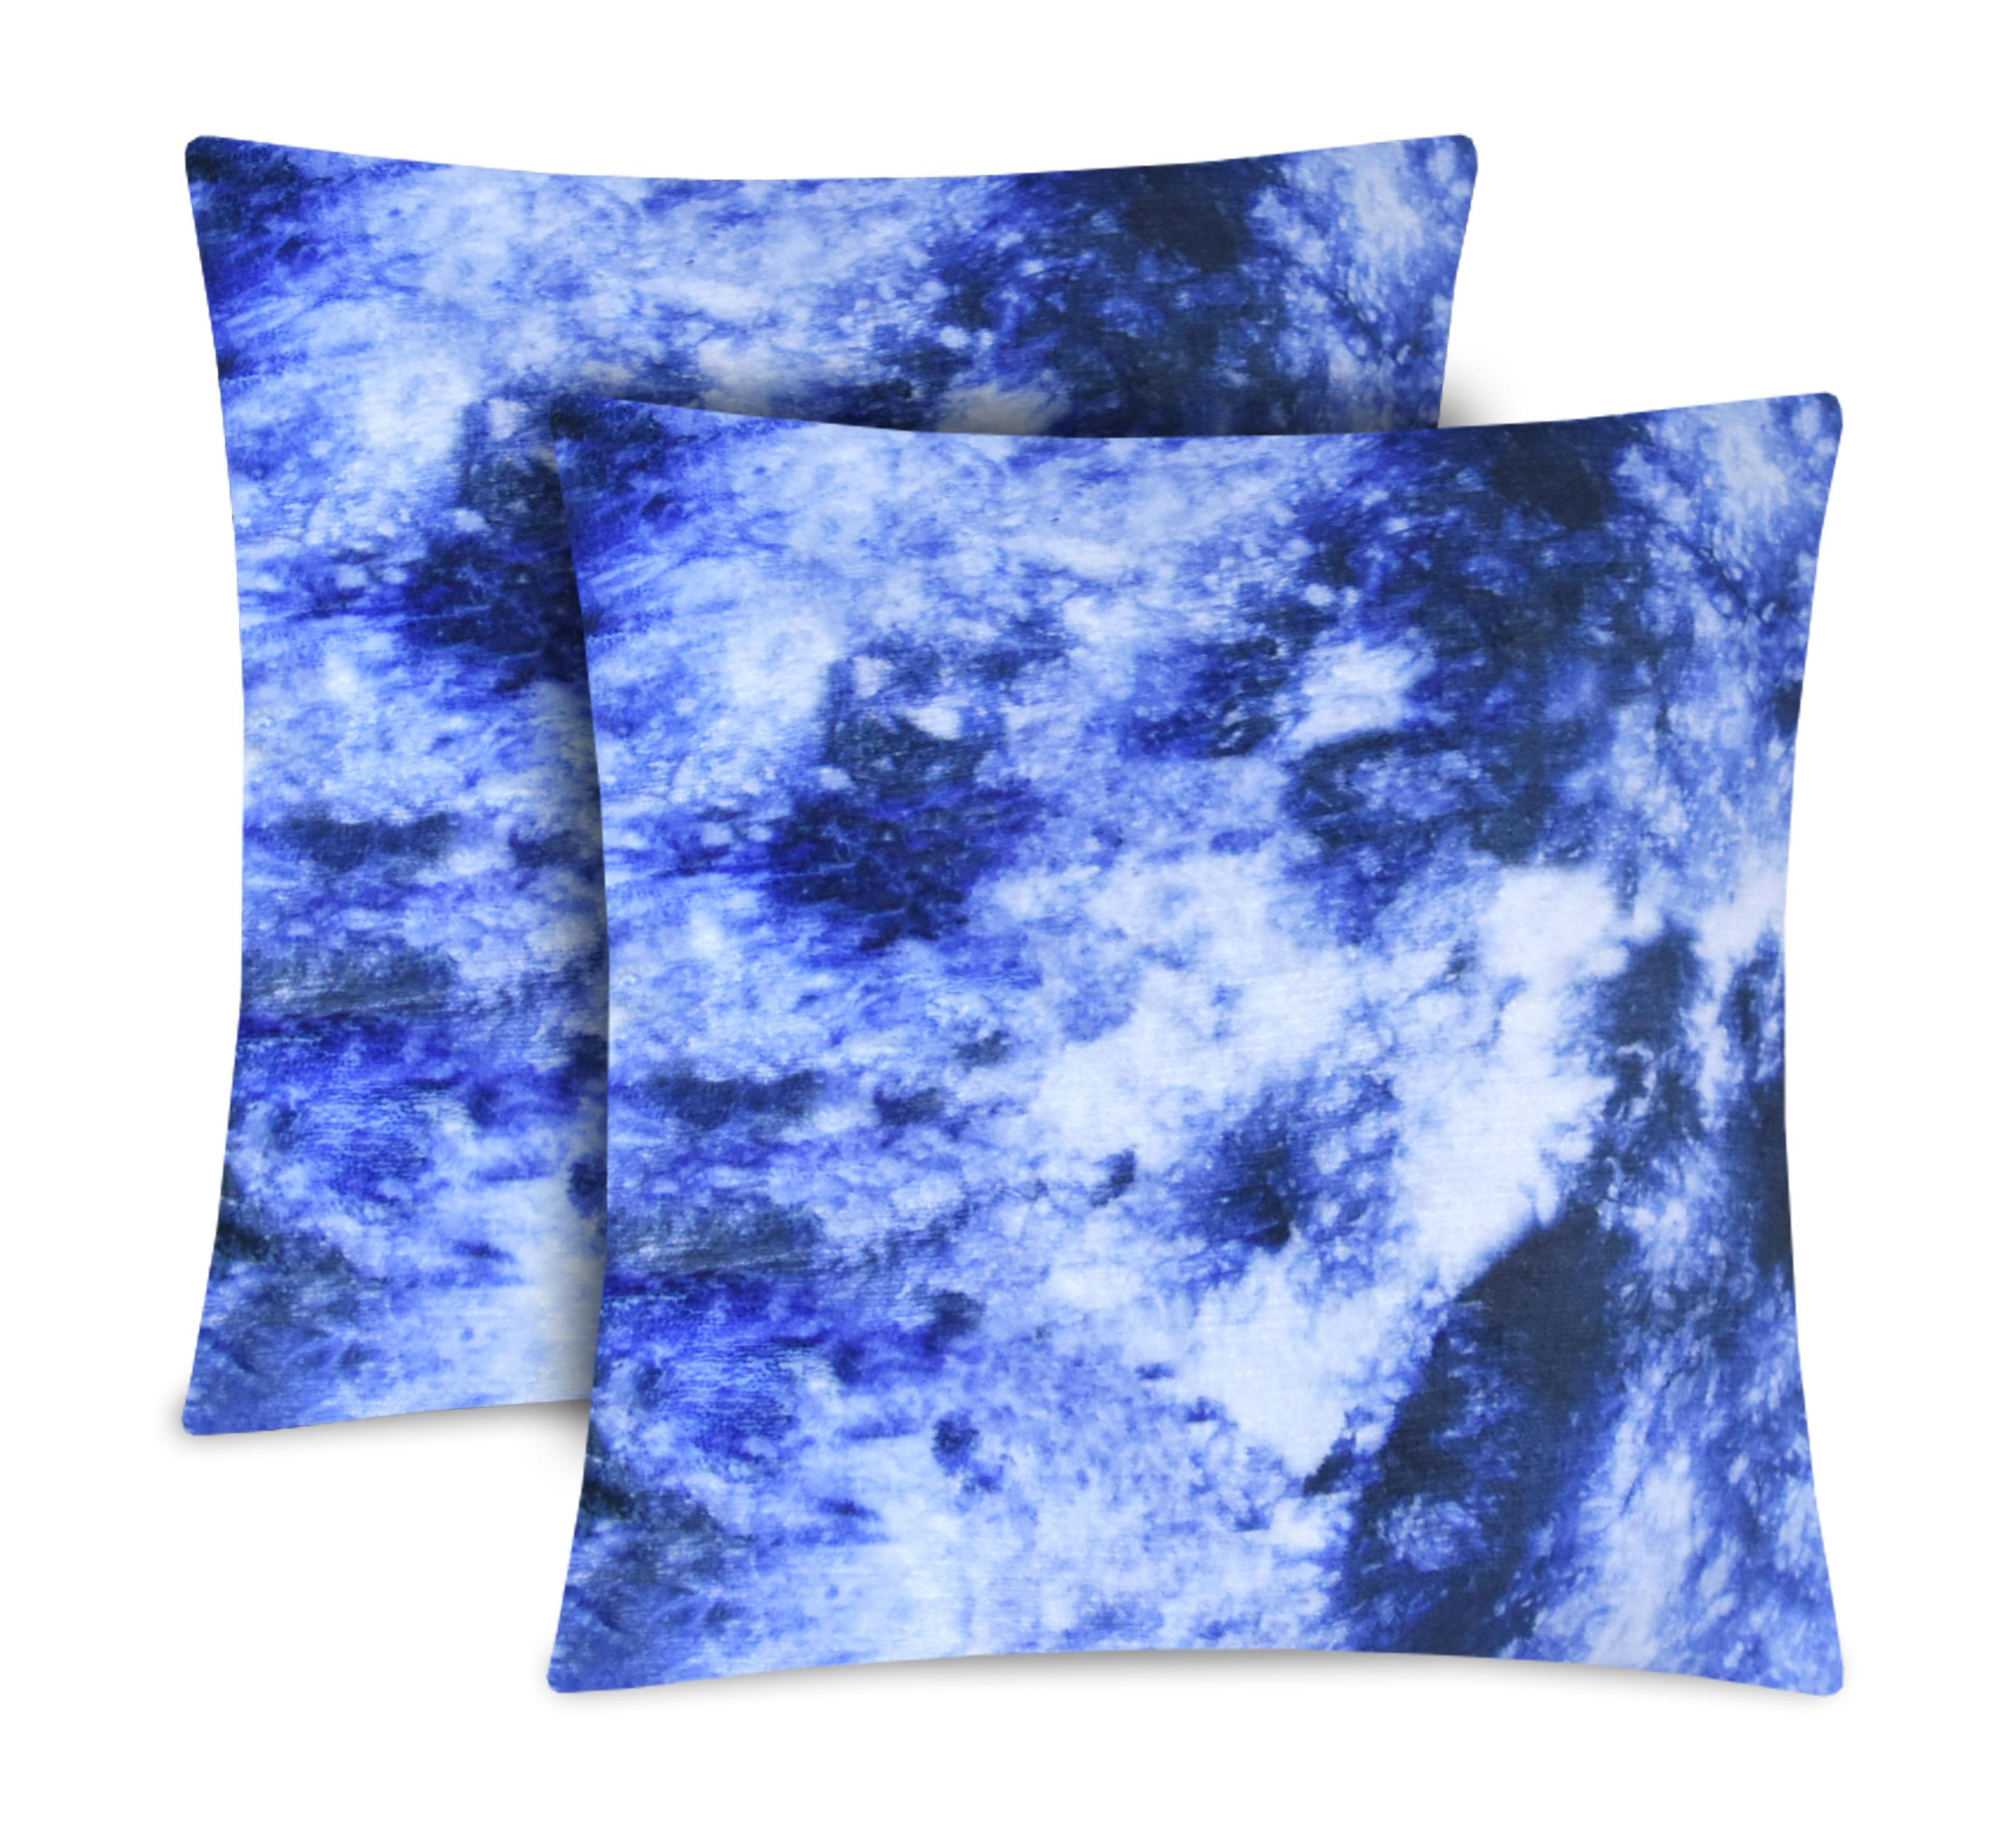 Mainstays Acid Wash Decorative Pillow, Set of 2, Blue, Multiple Colors